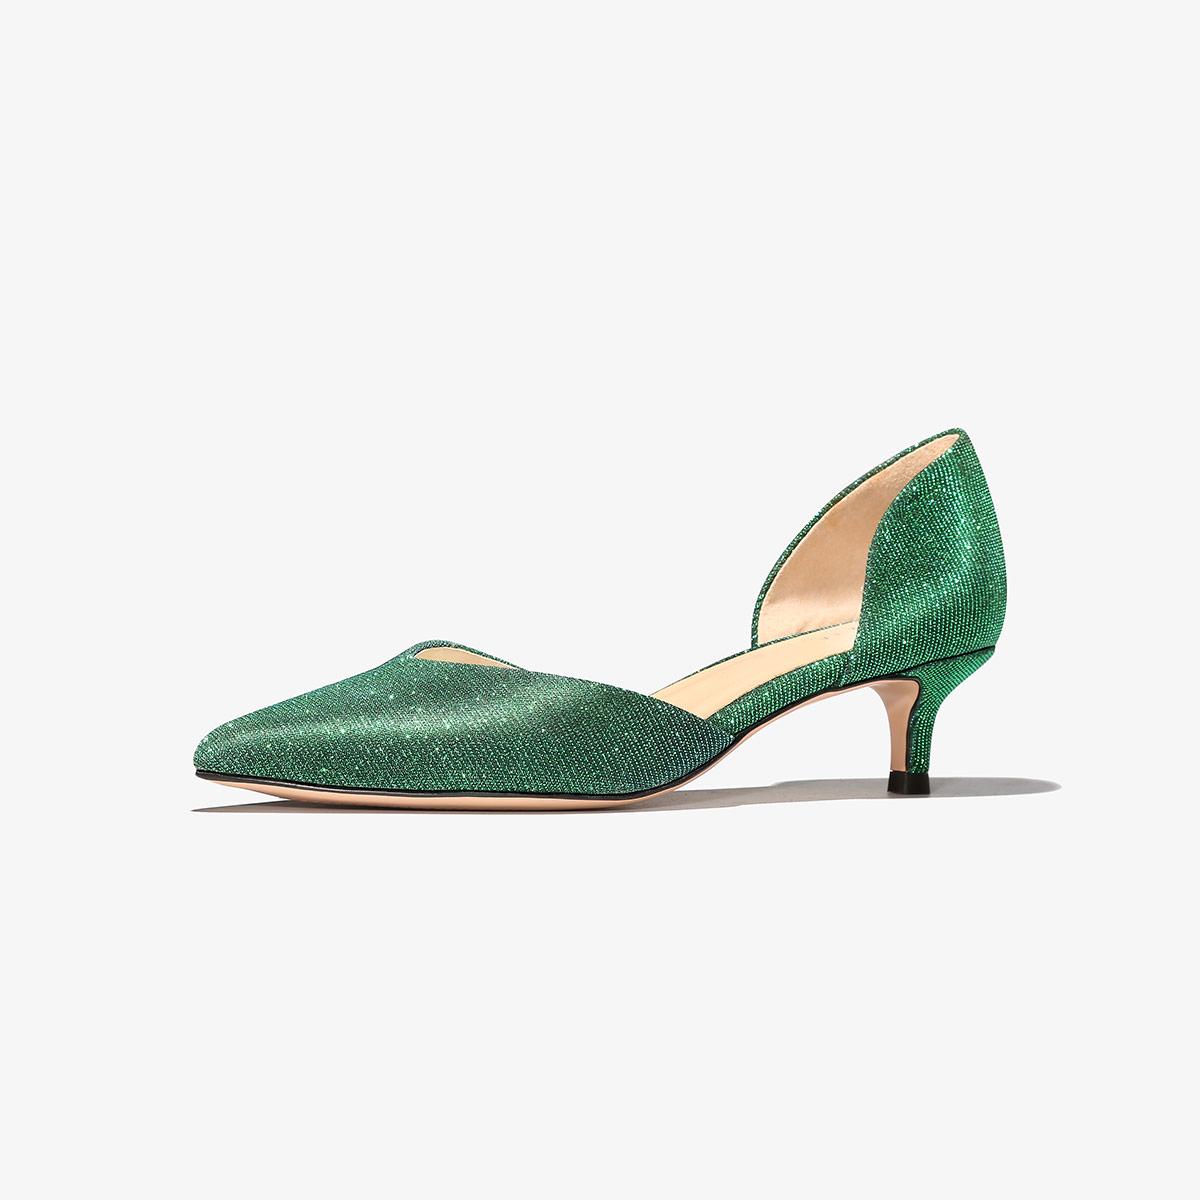 色非格利特时尚百搭中空女鞋尖头细跟工作鞋中跟浅口单鞋SFWL-C394P6183